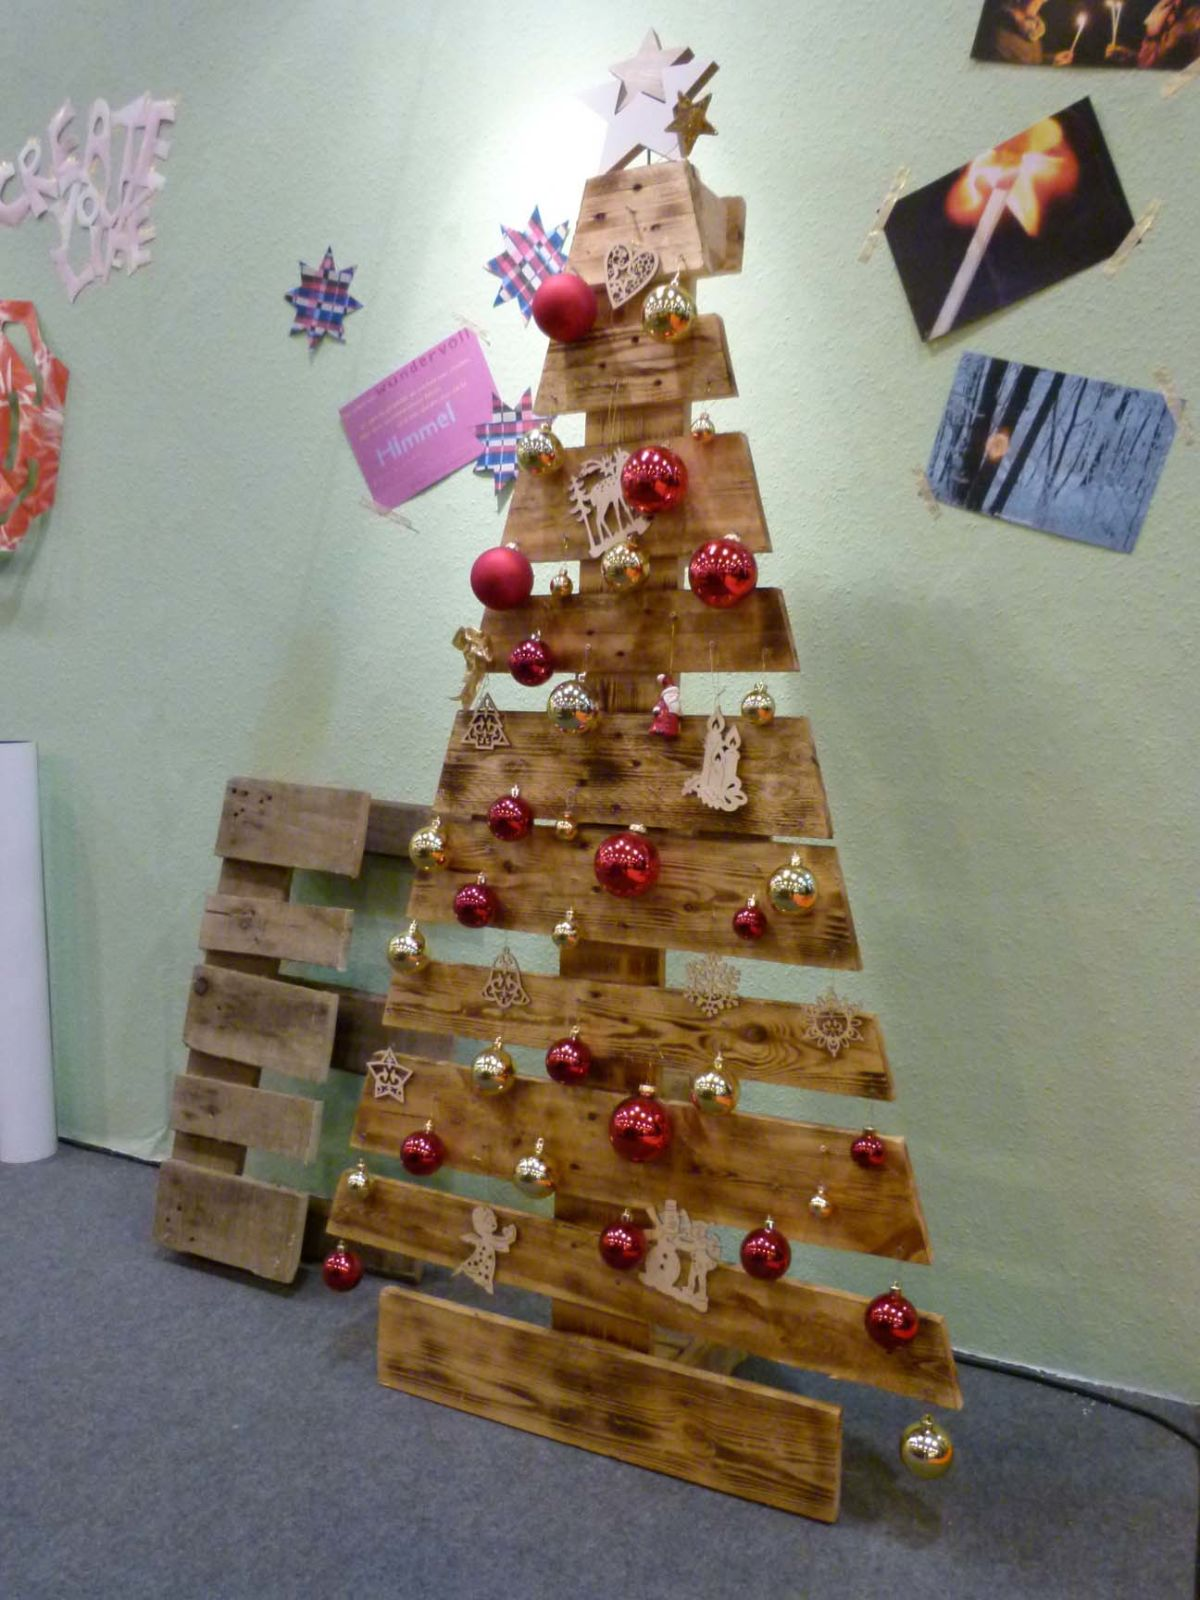 Weihnachtsbaum Kaufen Essen.Standaktion Vorführung Weihnachtsbaum Aus Paletten Mode Heim